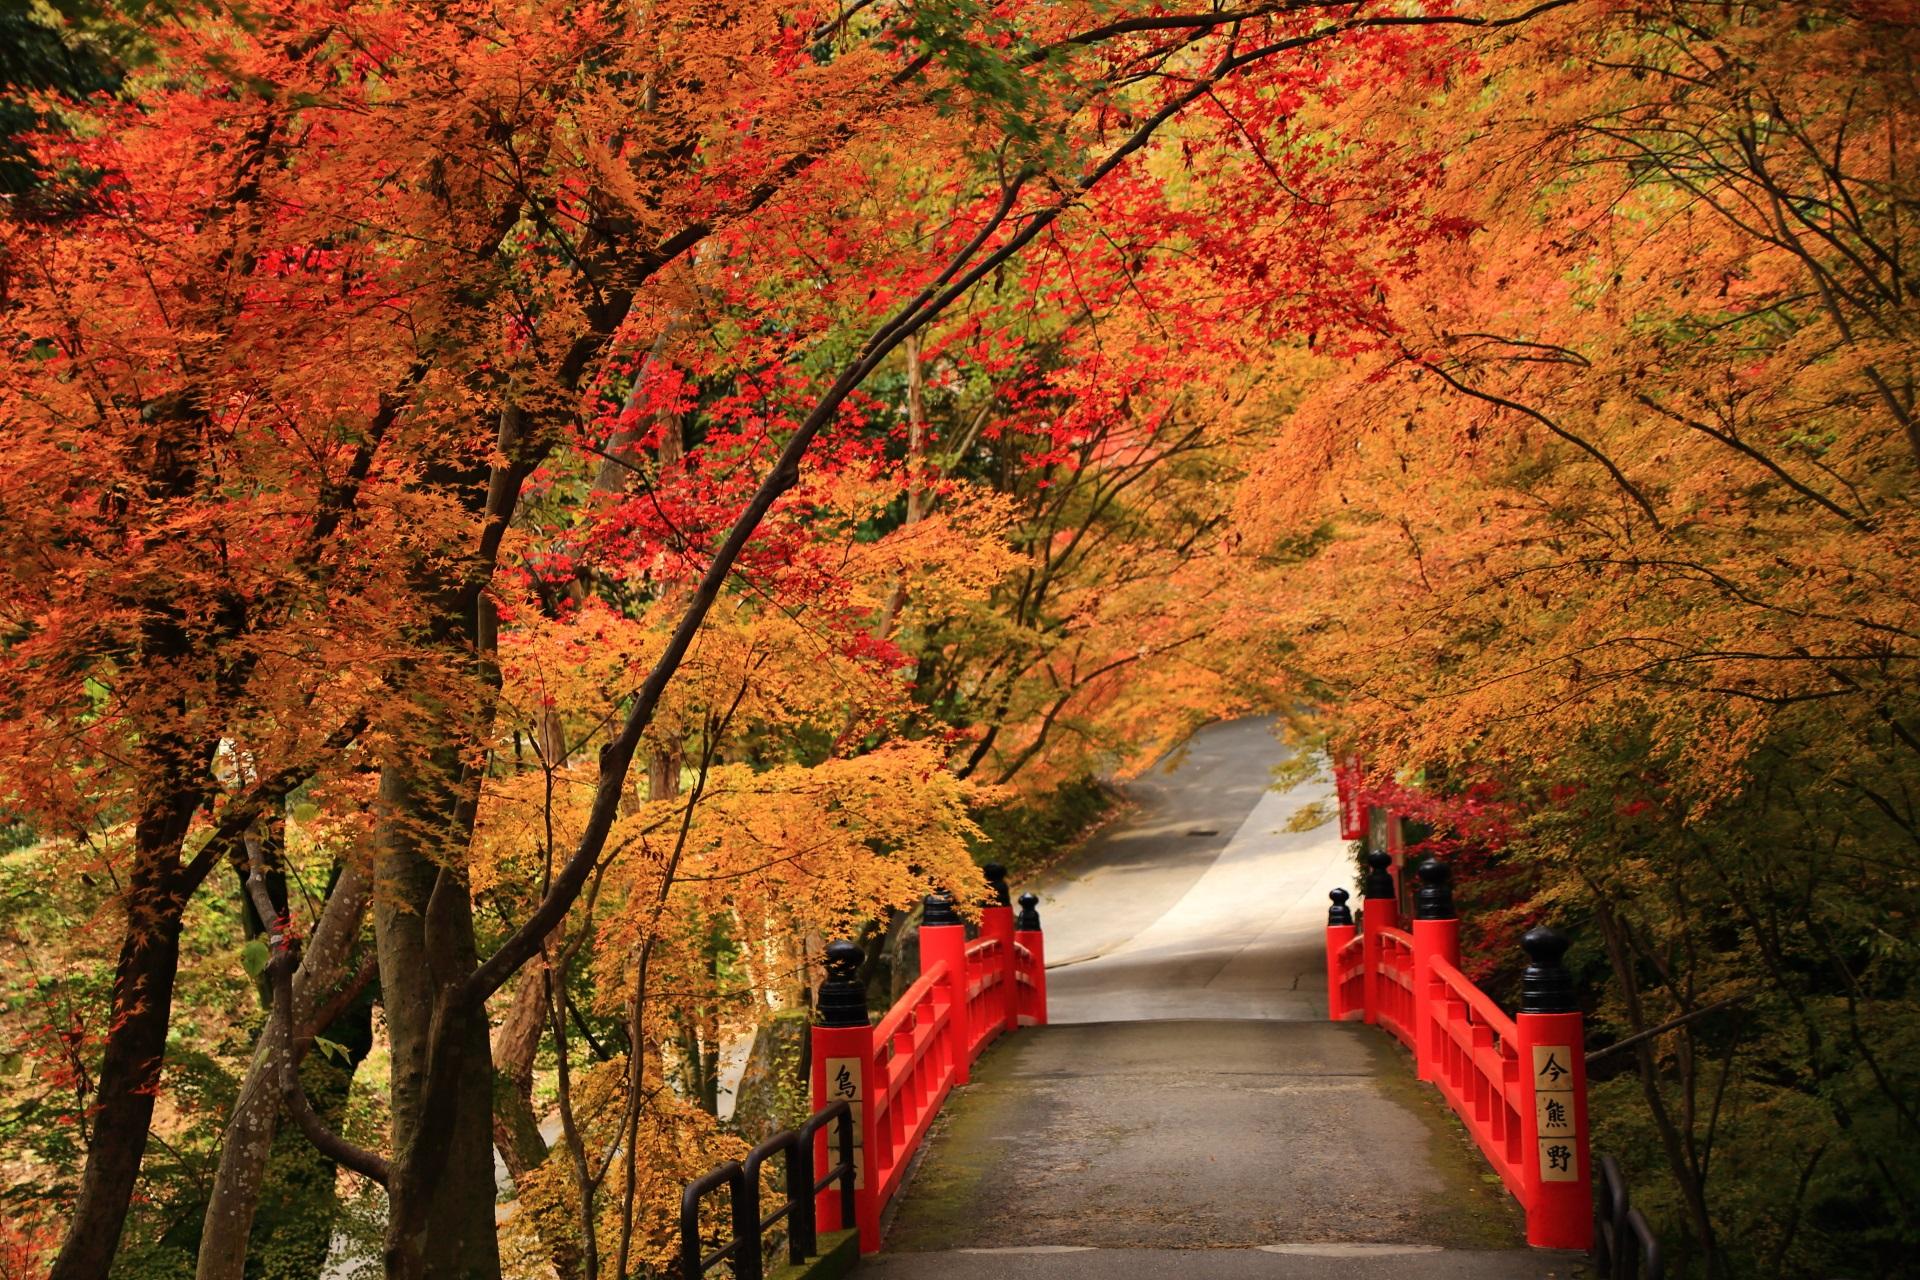 見事な秋色につつまれた逆(今熊野観音寺の境内側)から眺めた鳥居橋